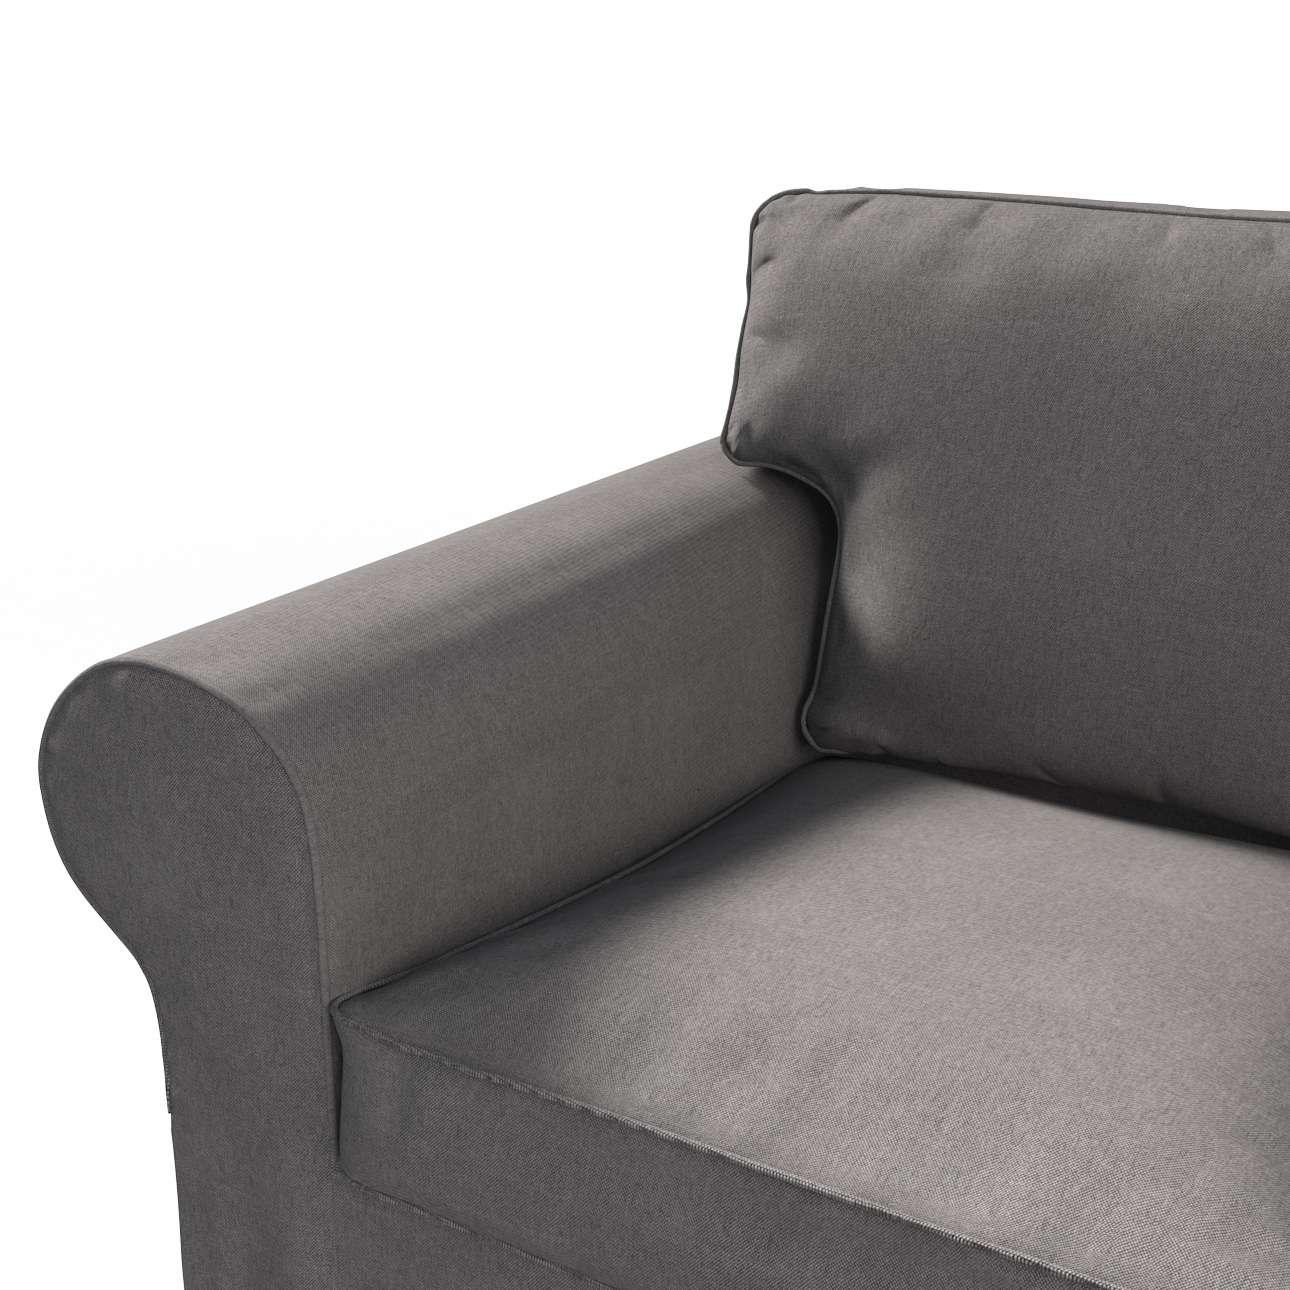 Poťah na sedačku Ektorp (rozkladacia, pre 2 osoby) NOVÝ MODEL 2012 V kolekcii Etna, tkanina: 705-35